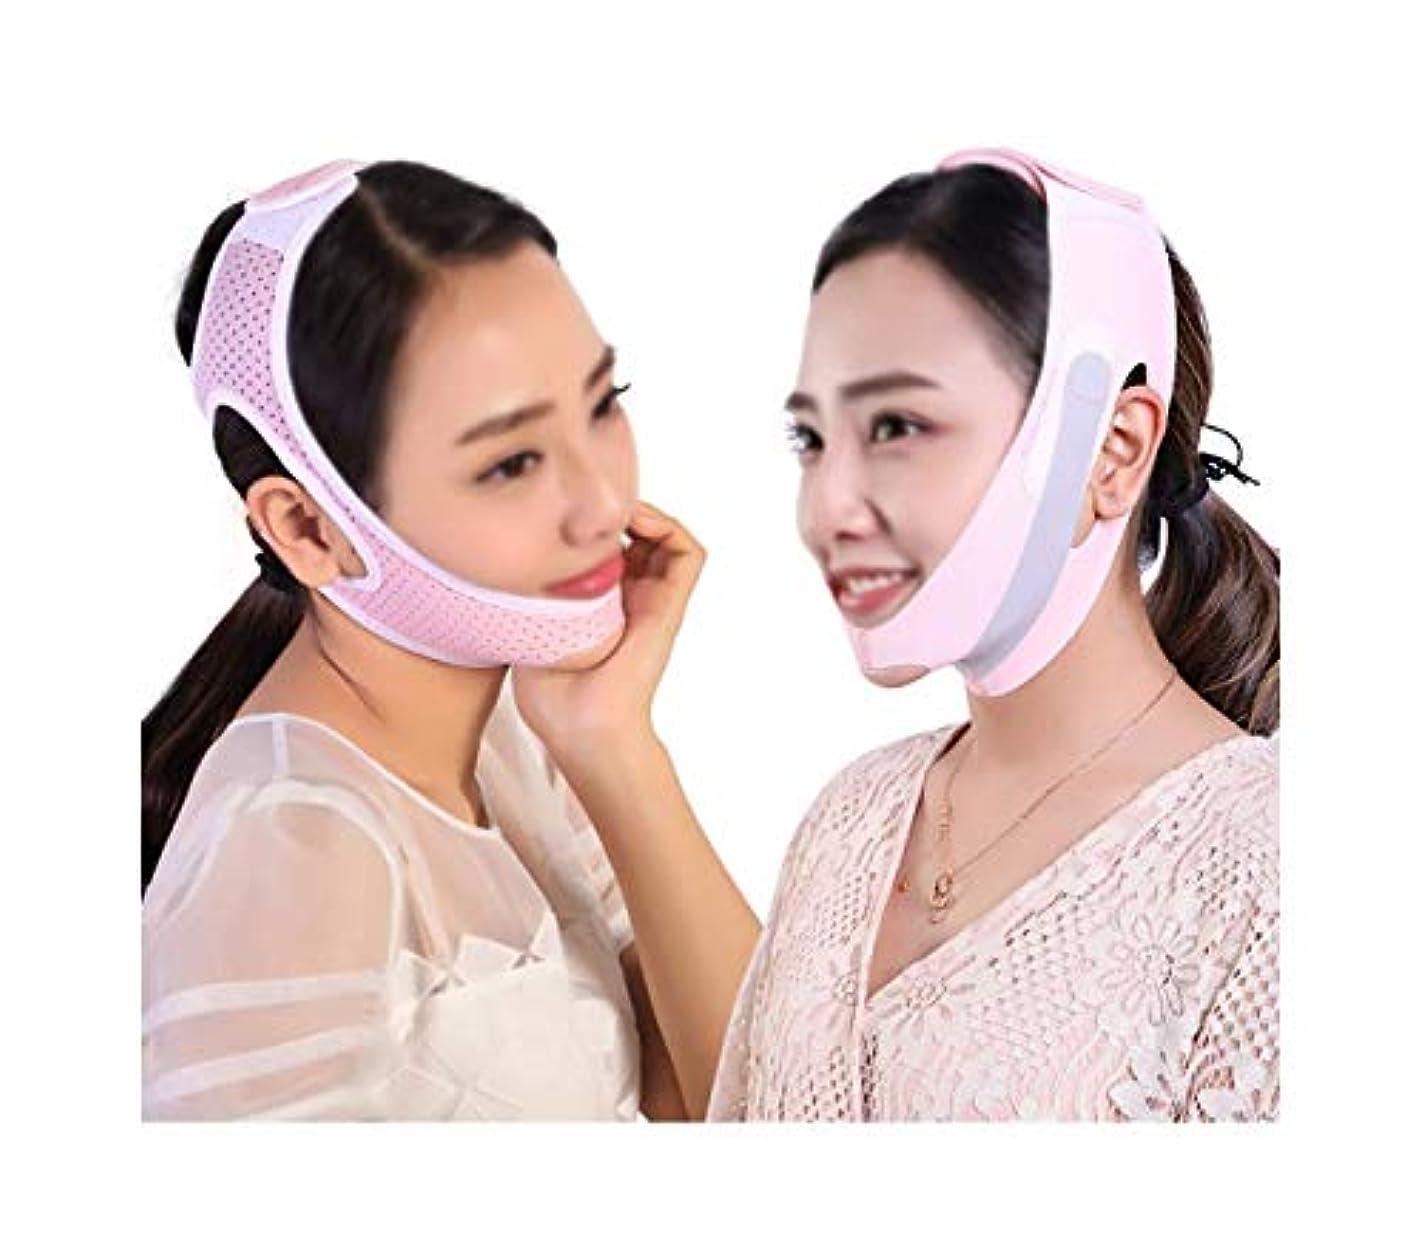 購入眠いです歯科のフェイスアンドネックリフトポストエラスティックスリーブシェーピングVフェイスマスクシュリンクチンシンフェイスバンデージタイトニングスモールVフェイスアーティファクトフェイスマスク(2パック)(サイズ:M)